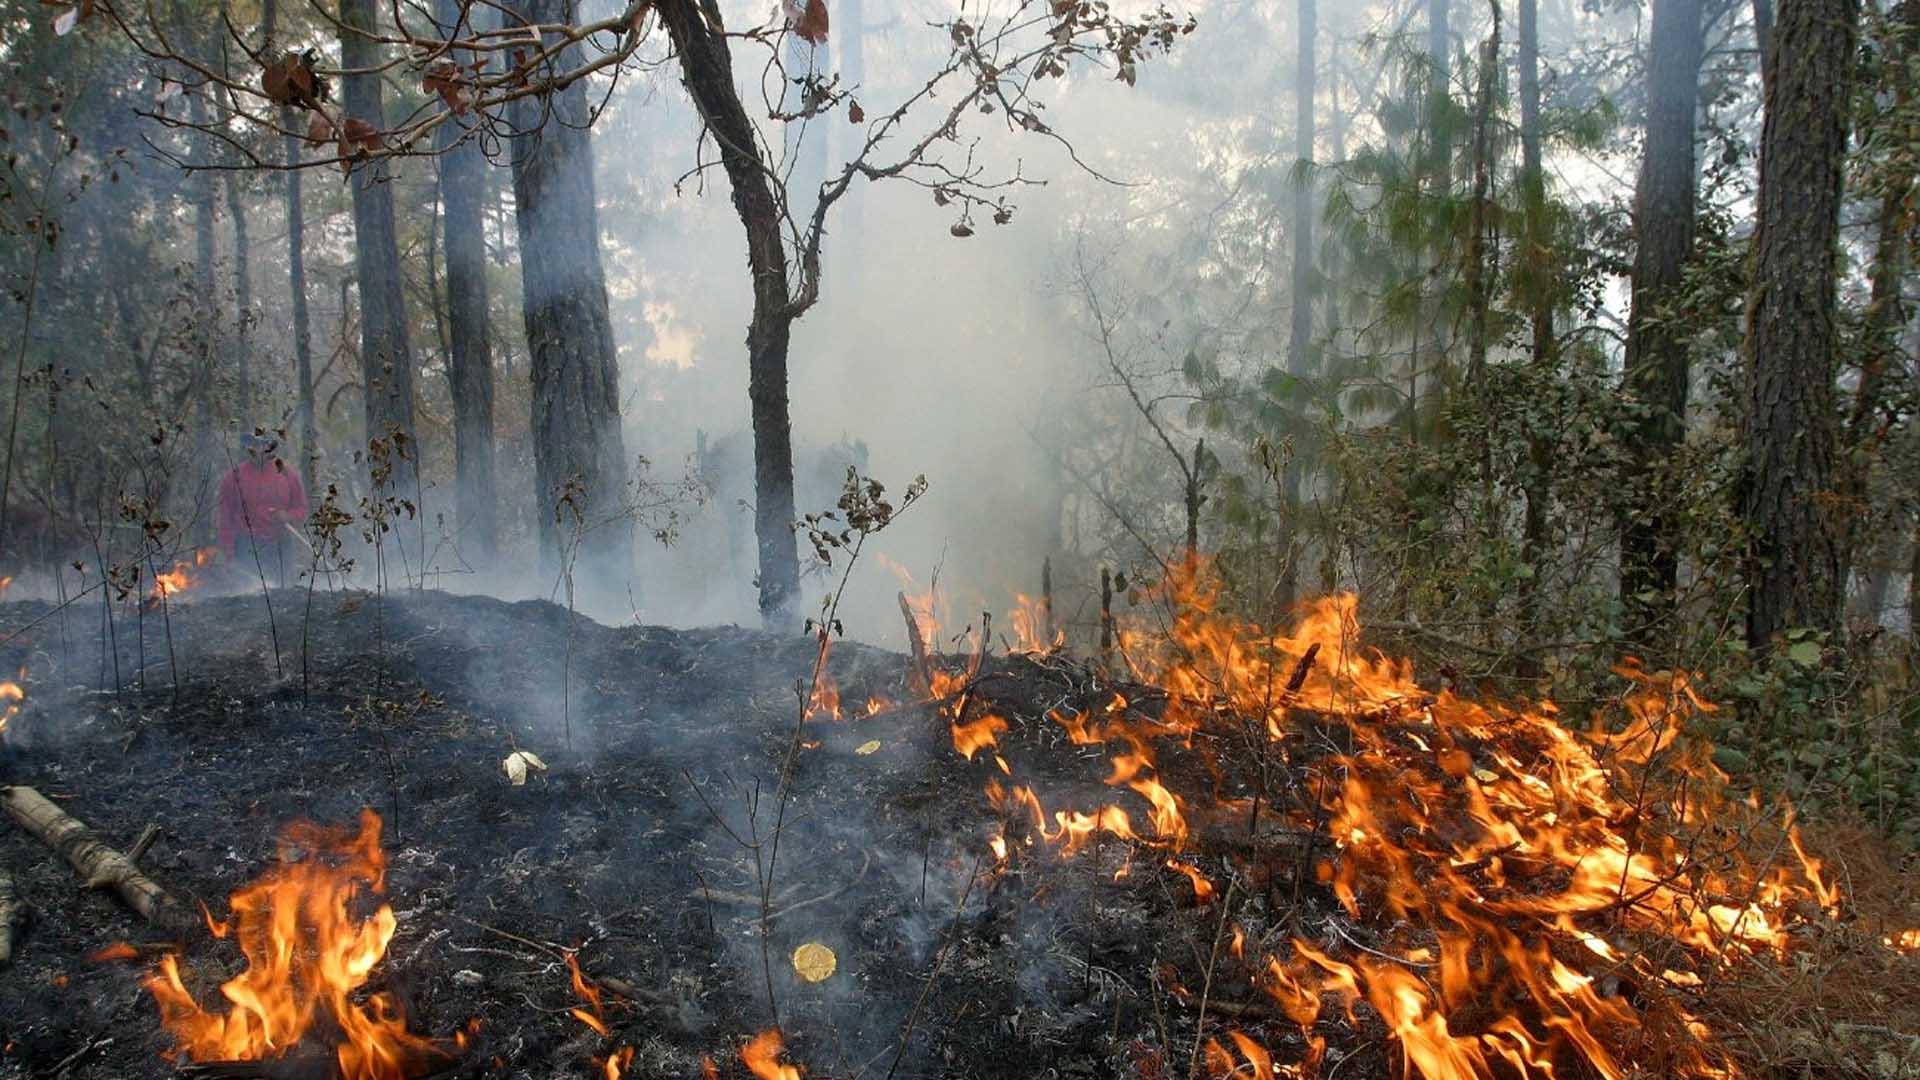 Prevención de incendios forestales  prevención de incendios forestales Prevención de incendios forestales prevencion incendios forestales